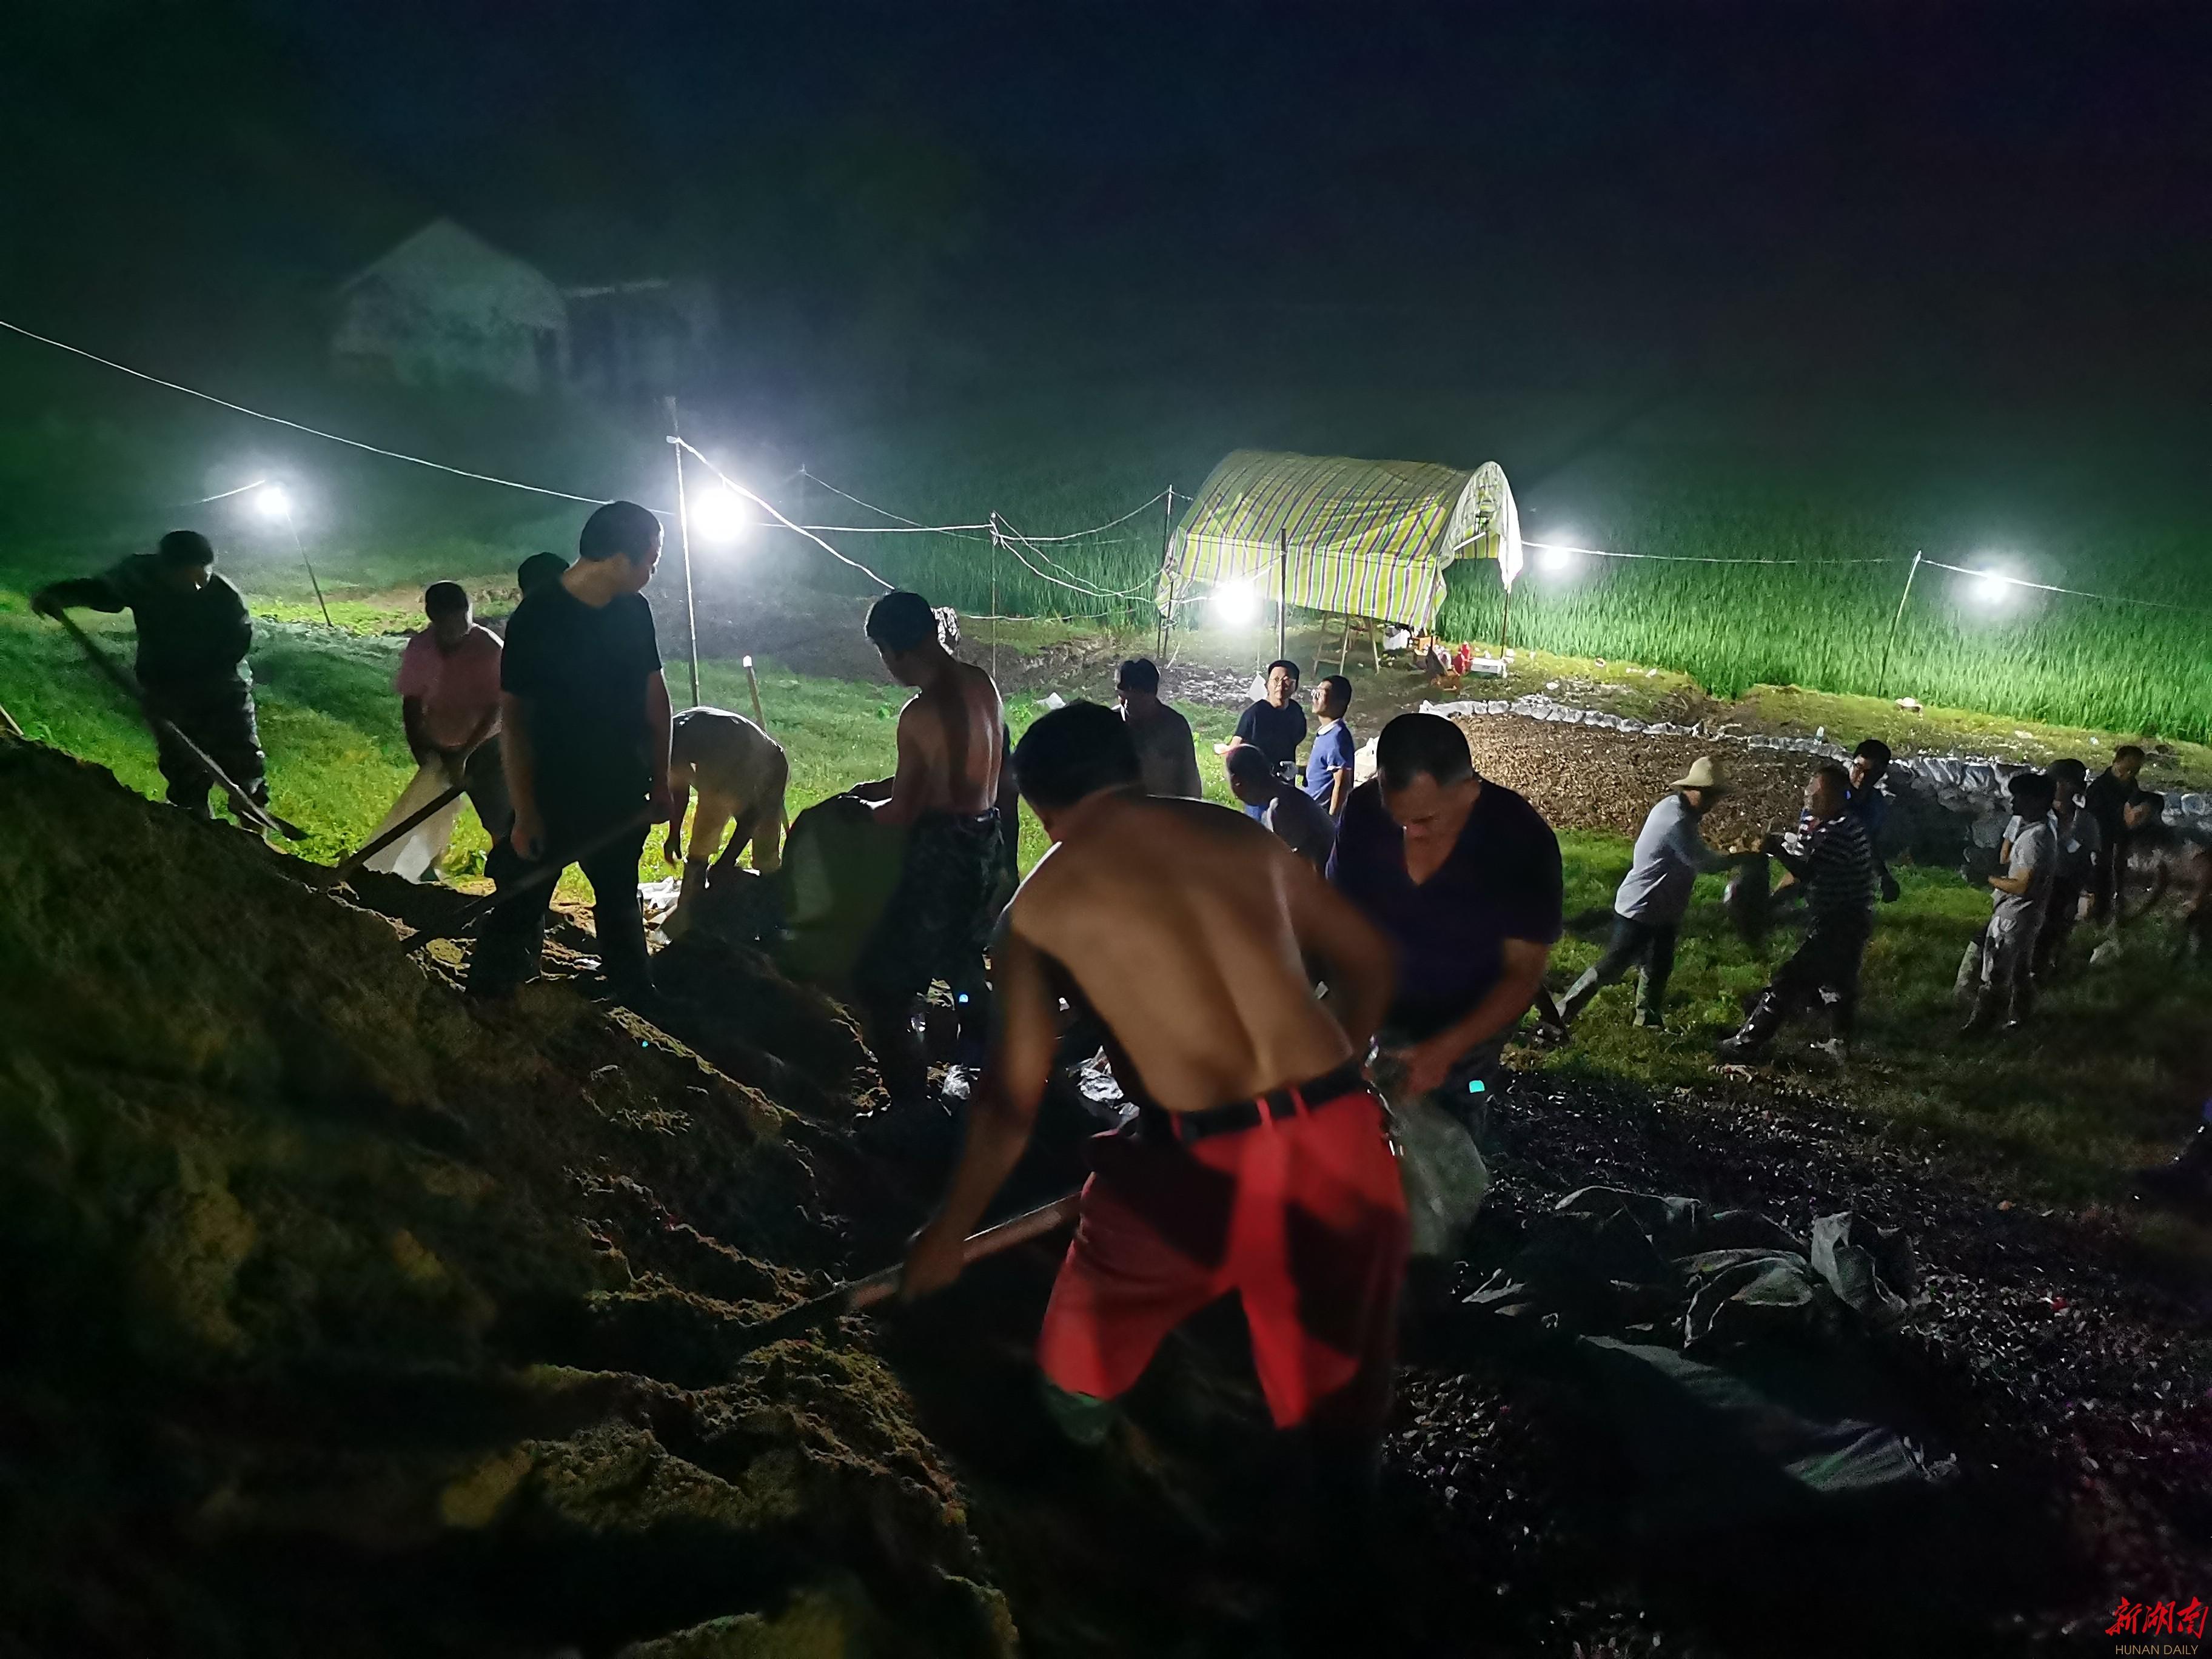 抢险战斗,午夜在梅田湖打响